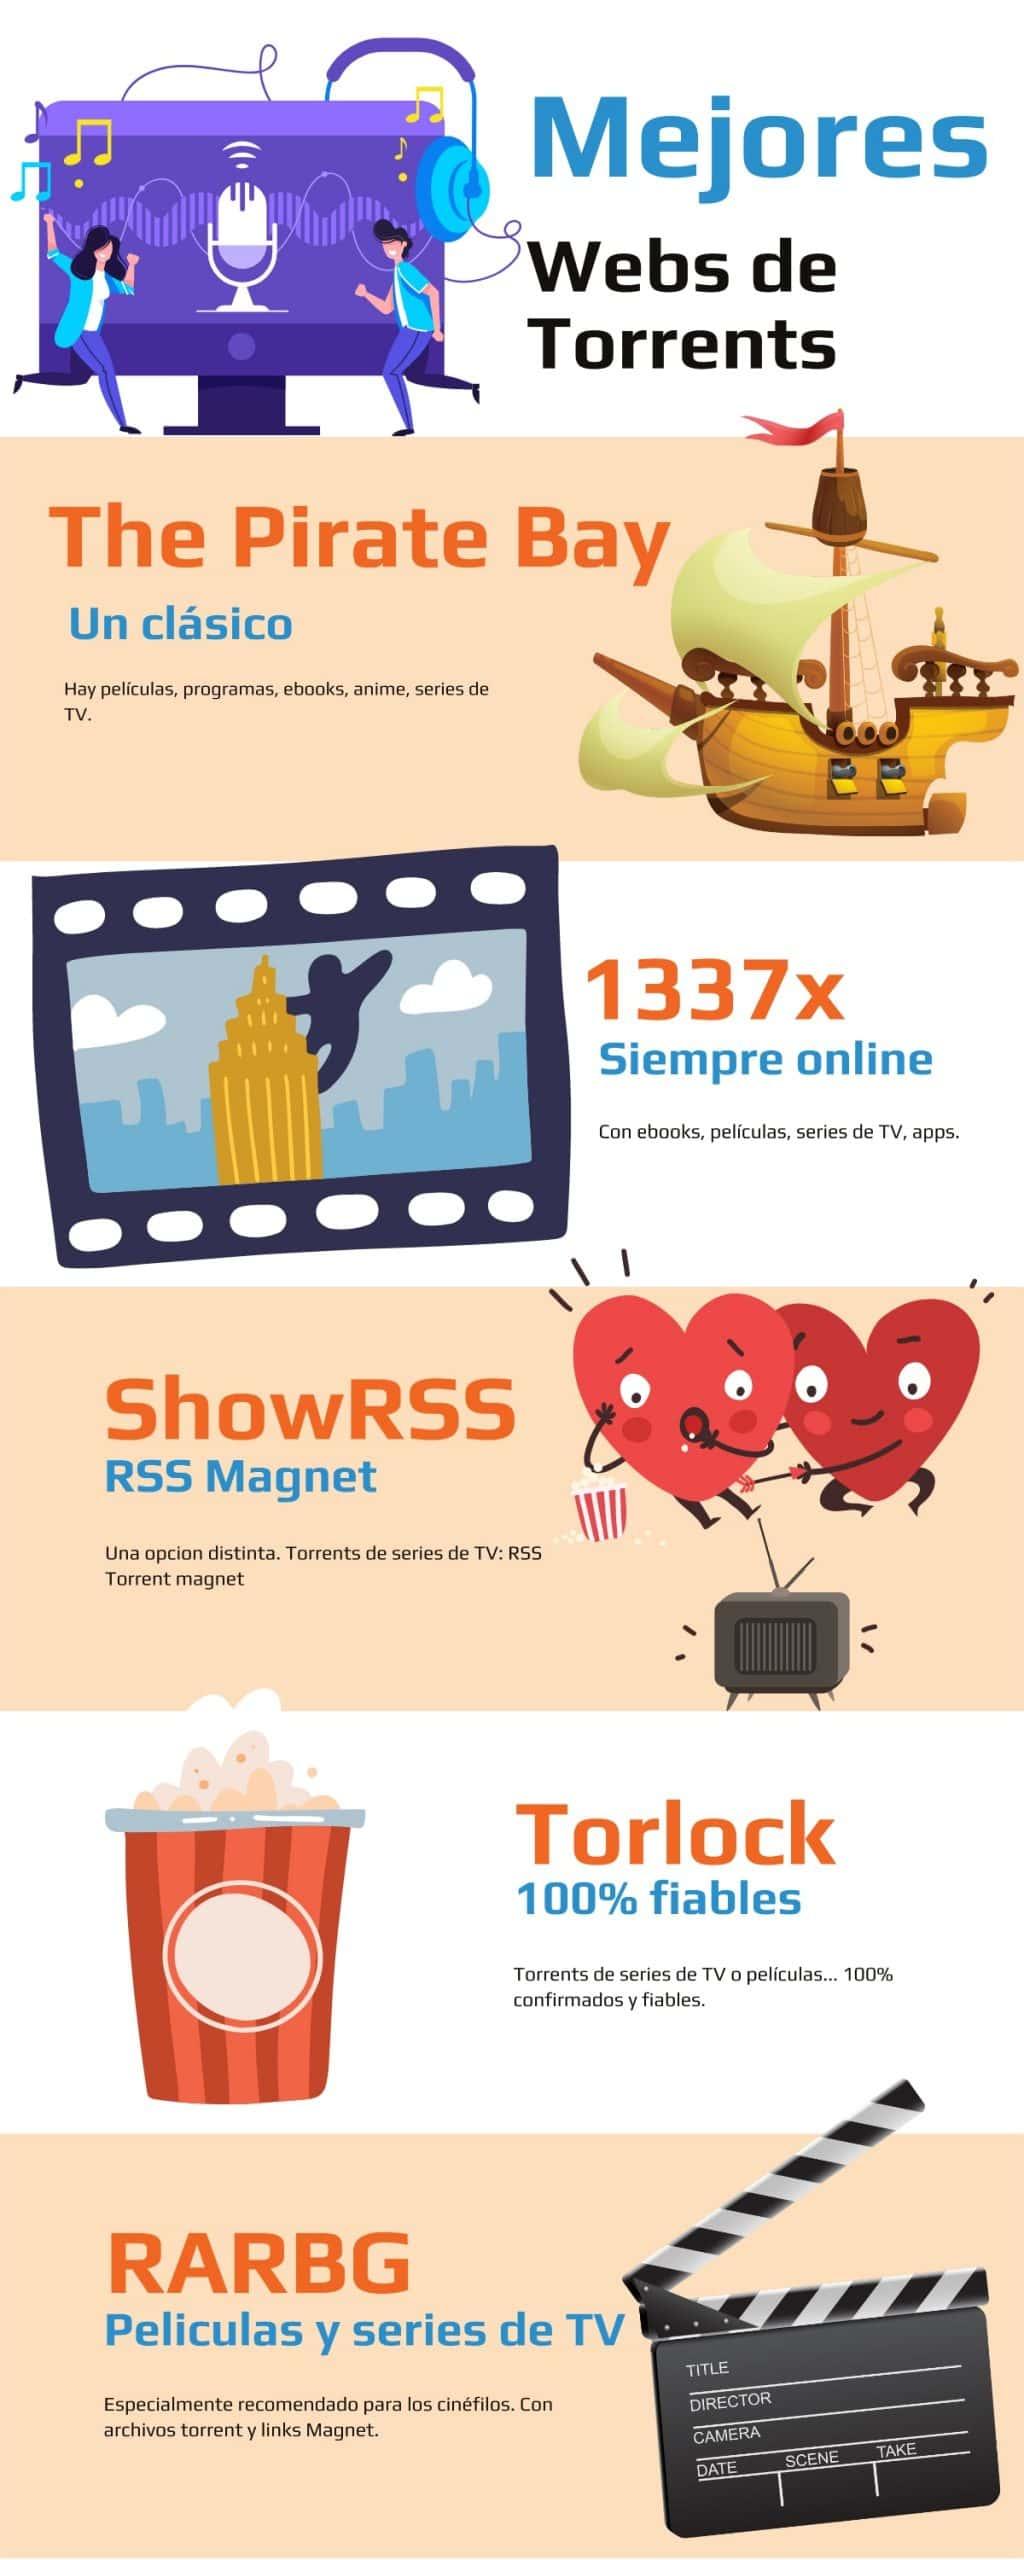 Infografia mejores páginas web para descargar torrents